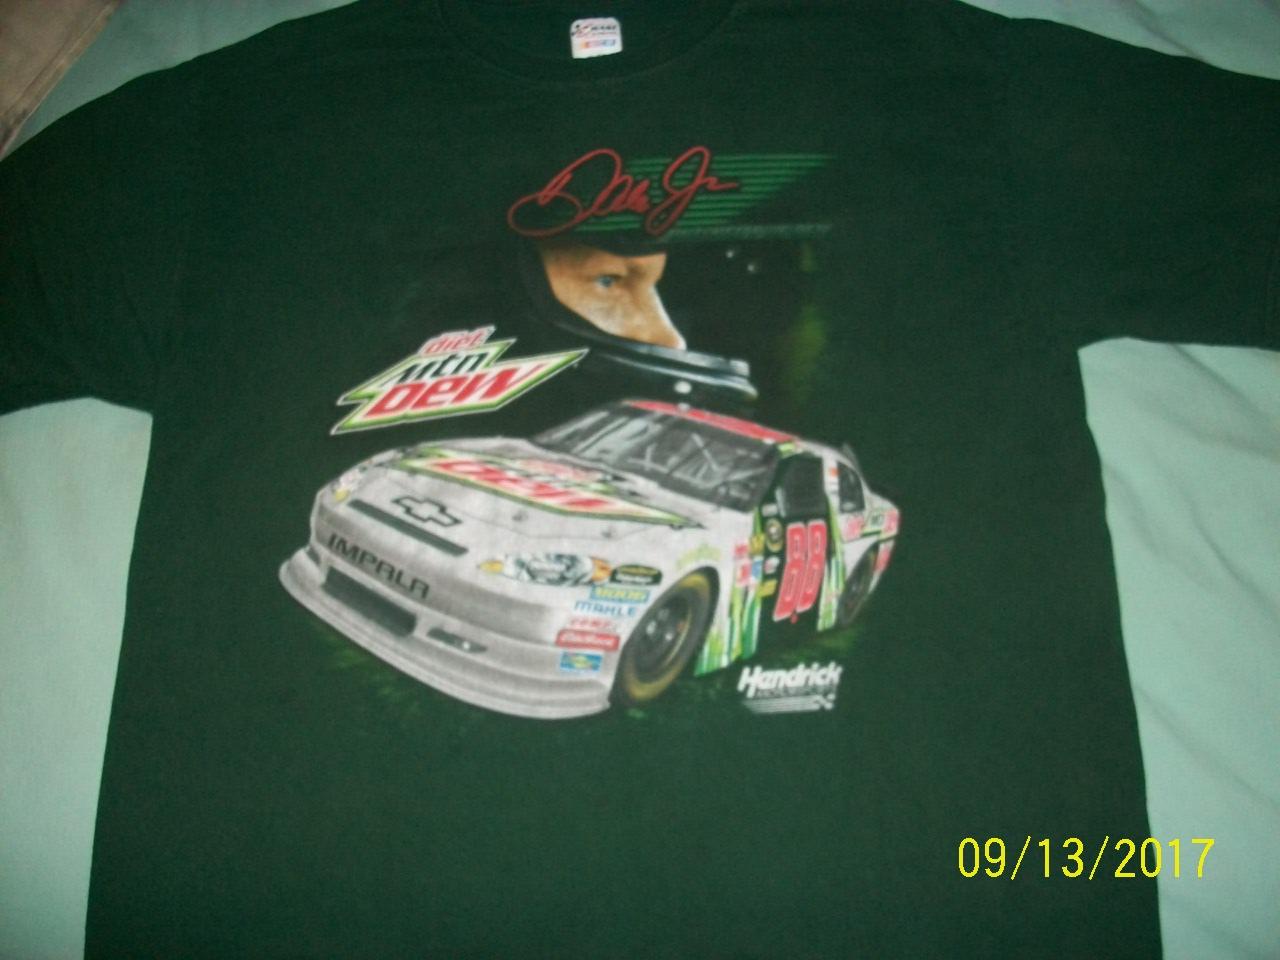 NASCAR APPAREL - DALE #88